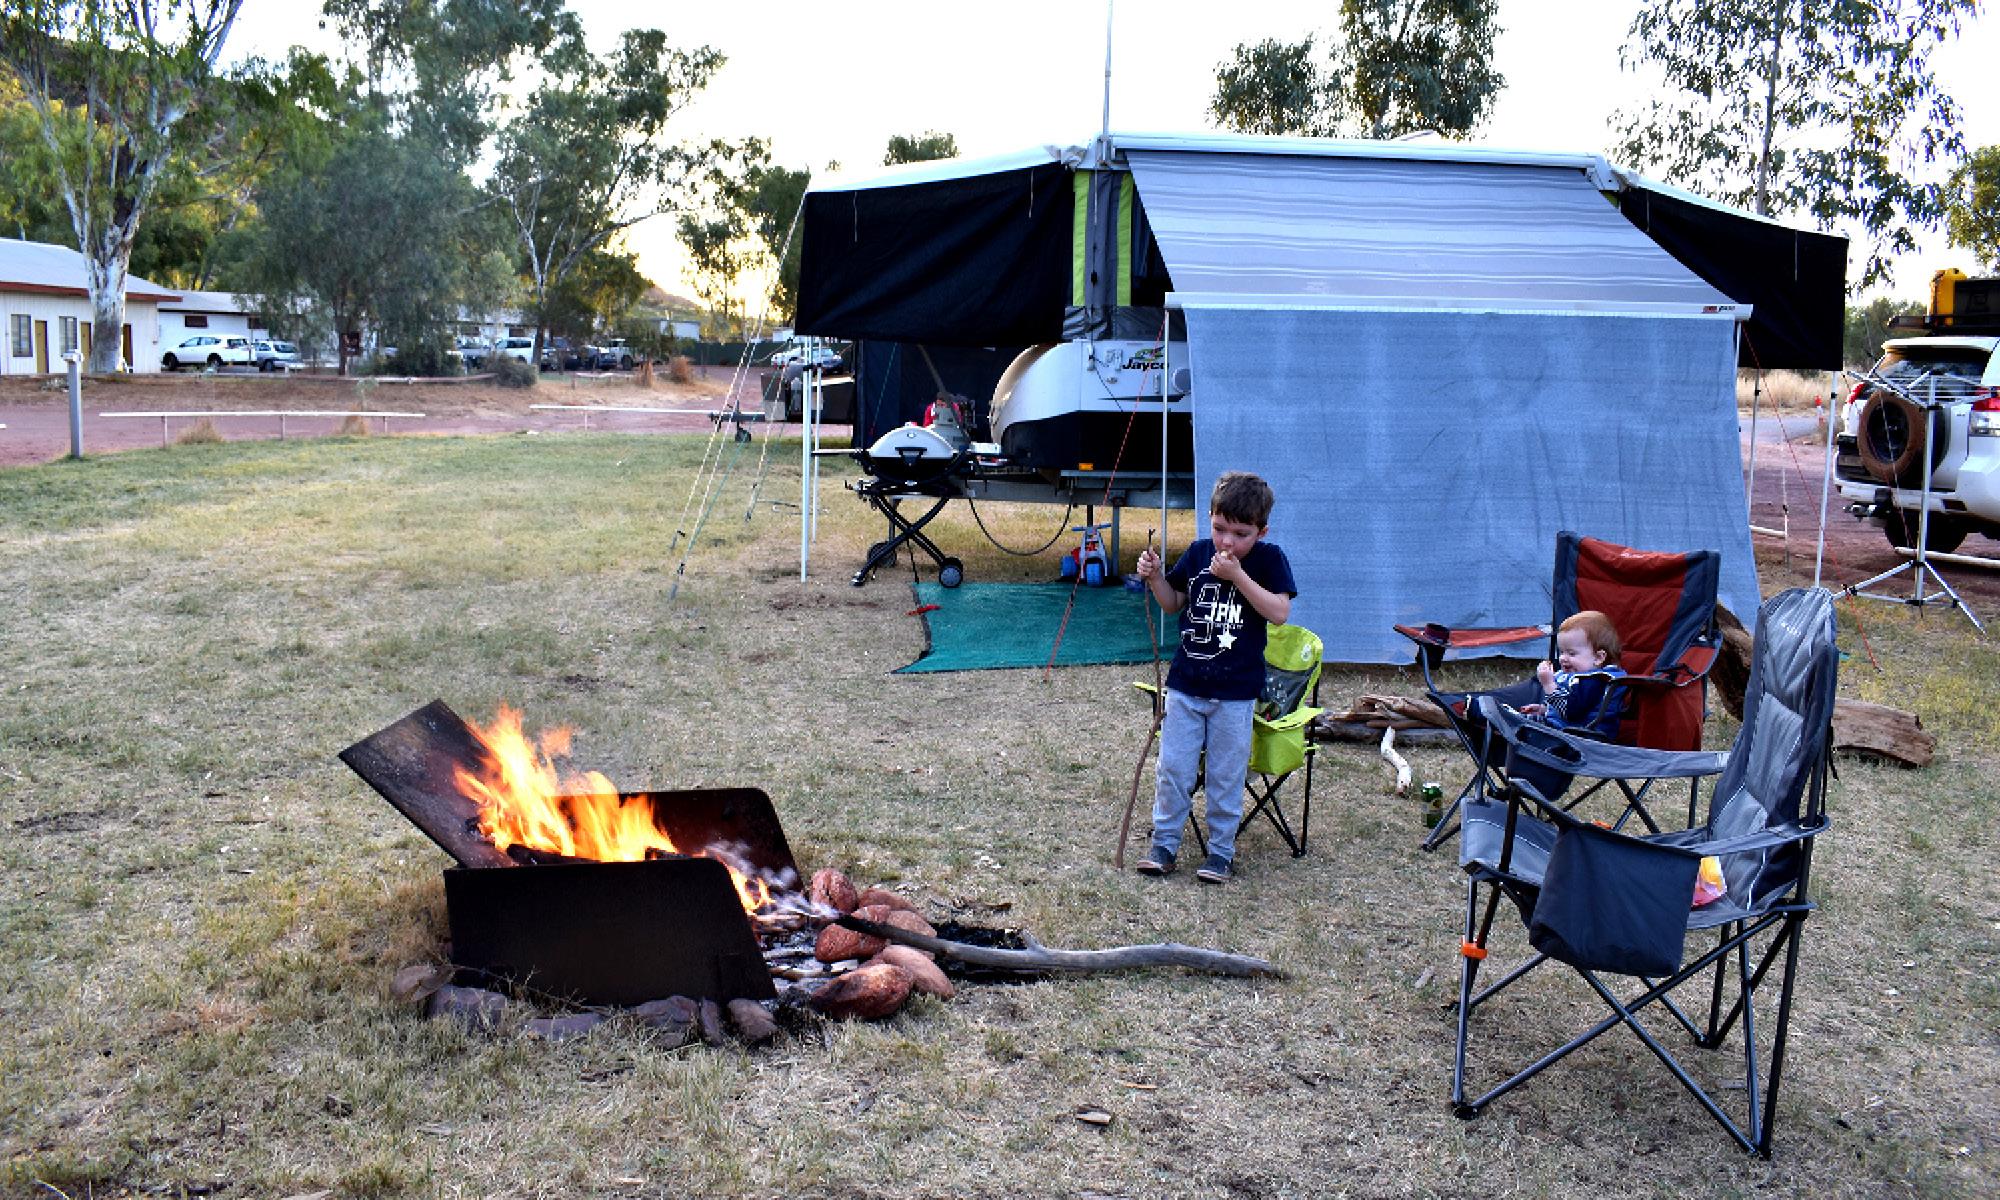 camp fire near campsite